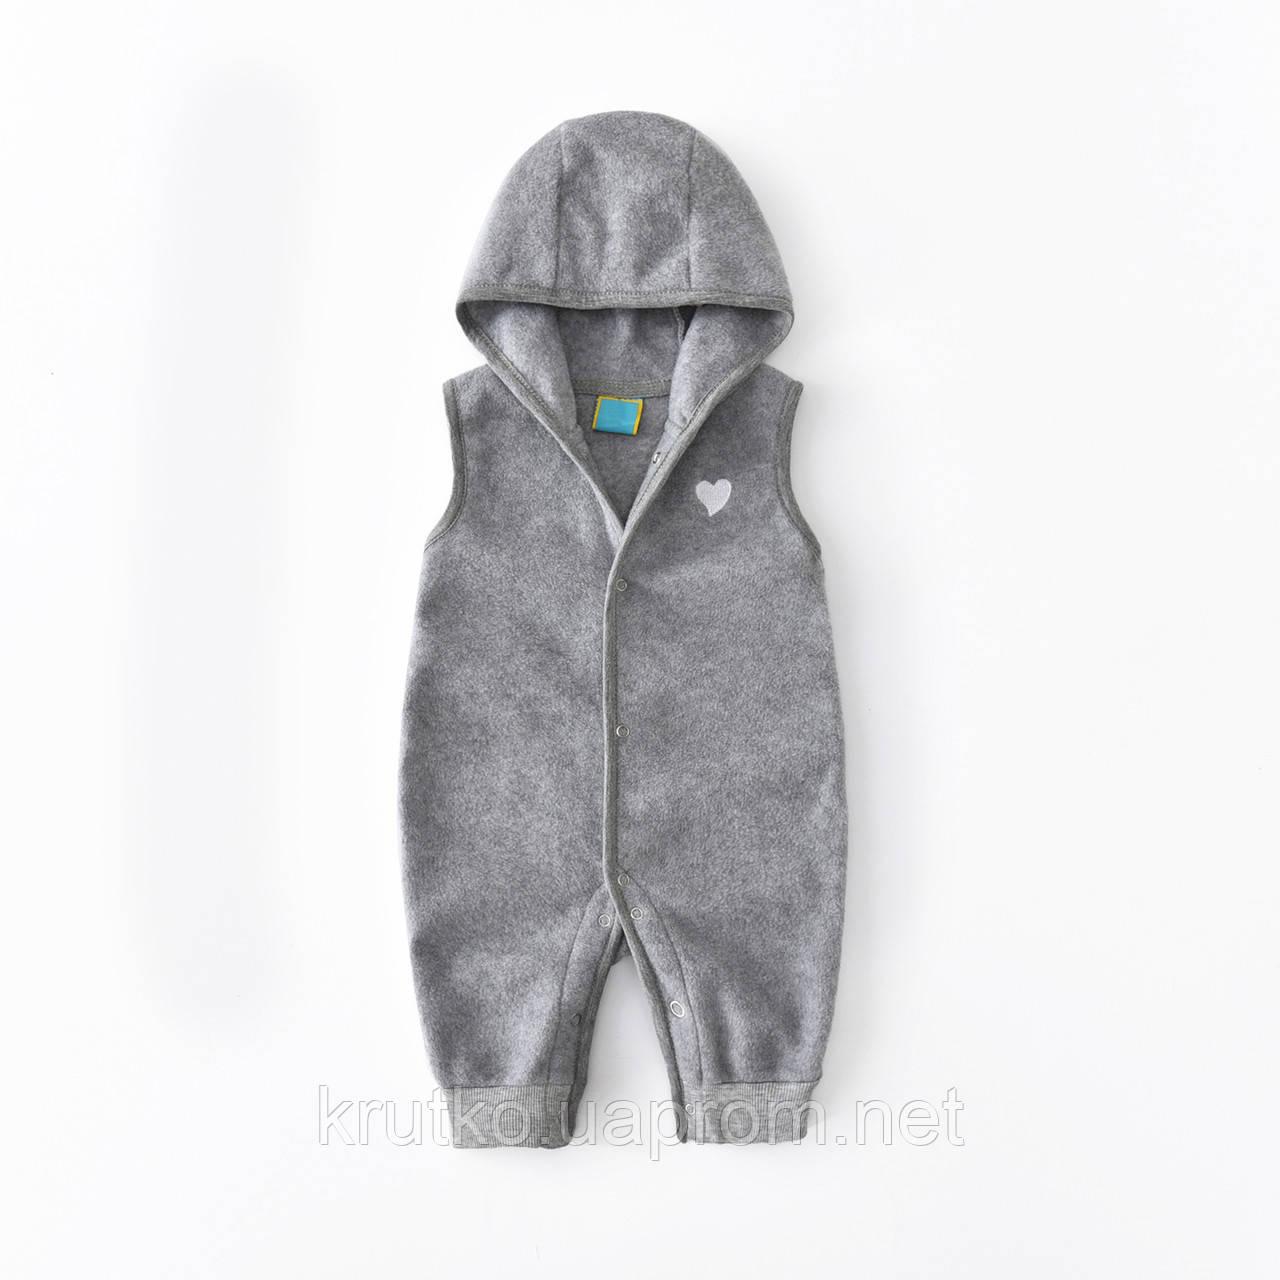 Комбинезон детский флисовый утеплённый Маленькое сердечко, серый Berni